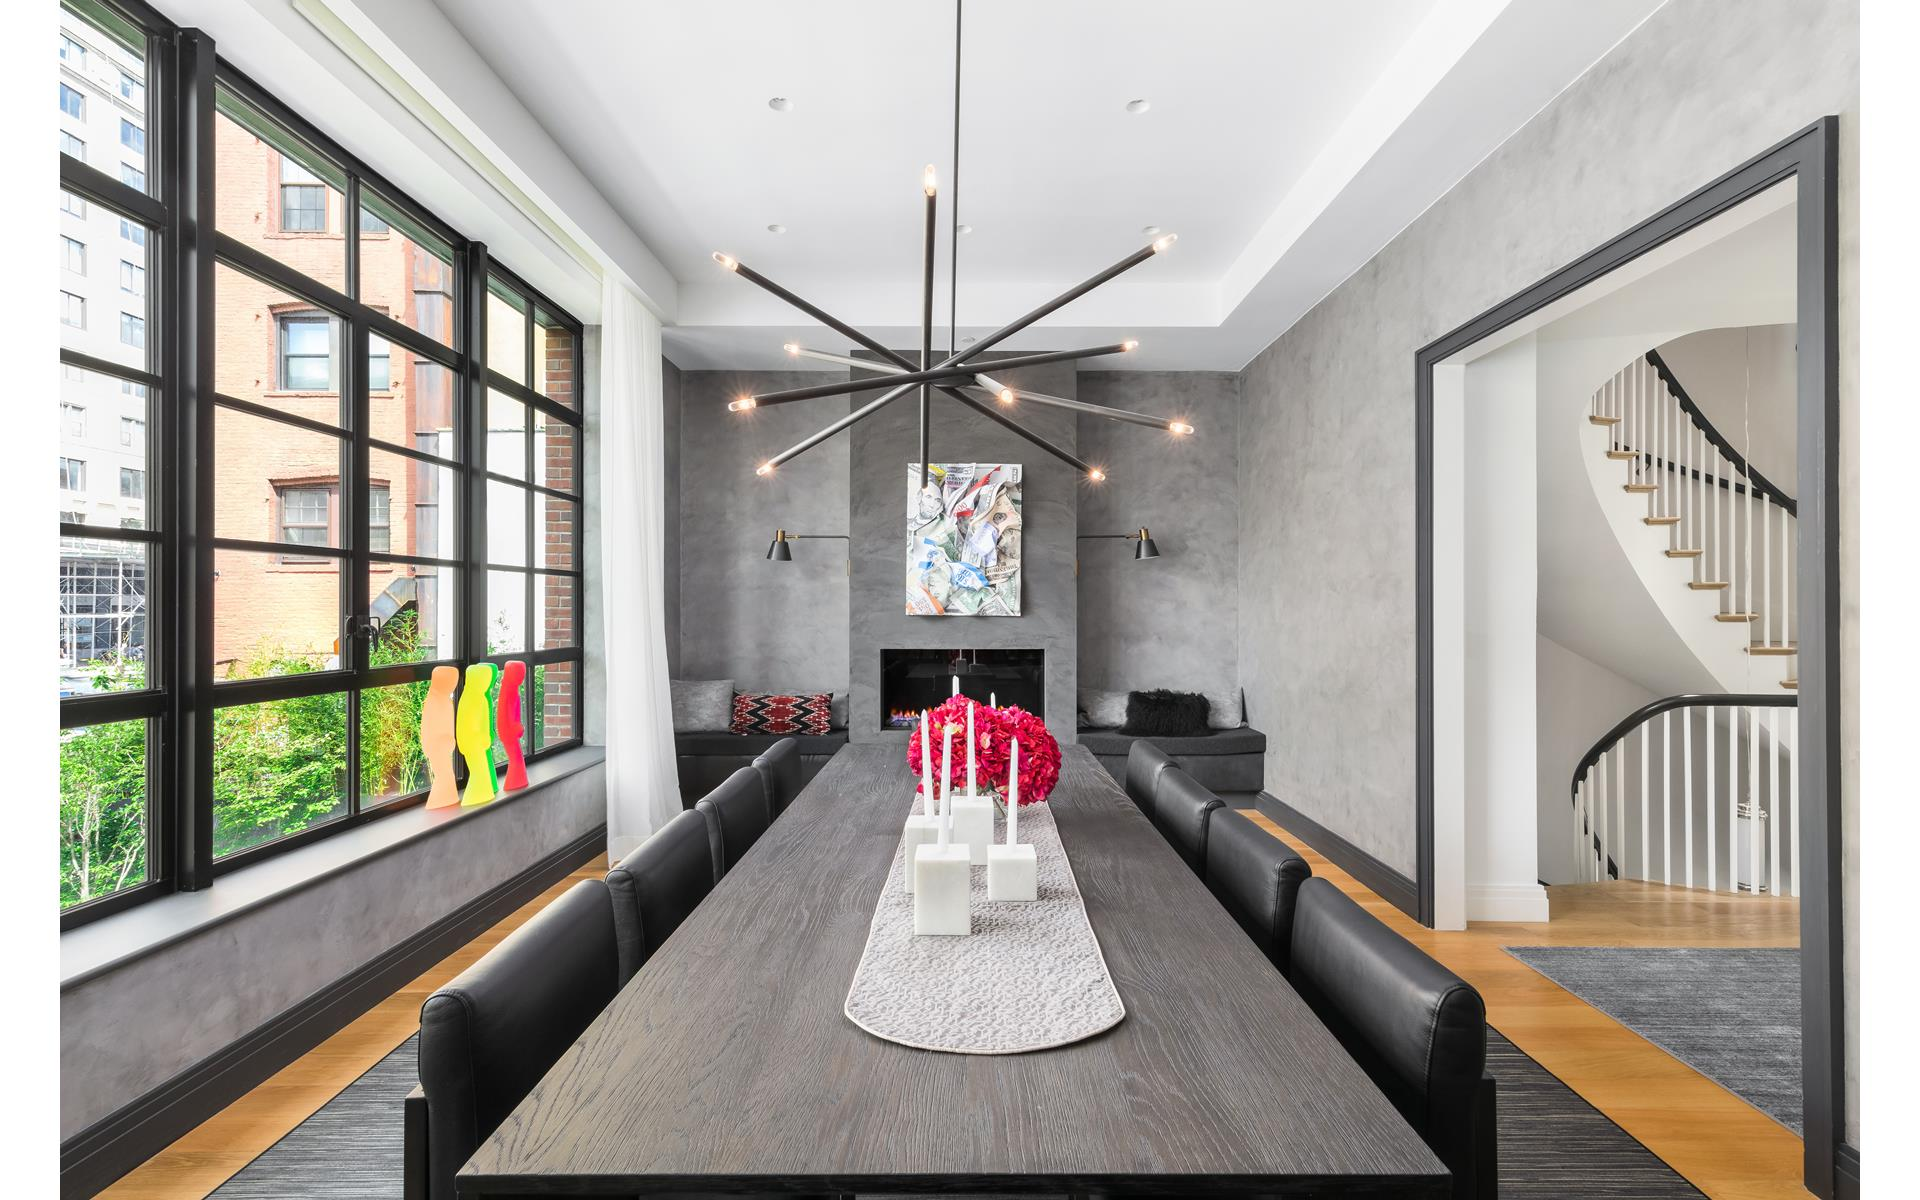 обеденный стол стулья камин панорамное остекление